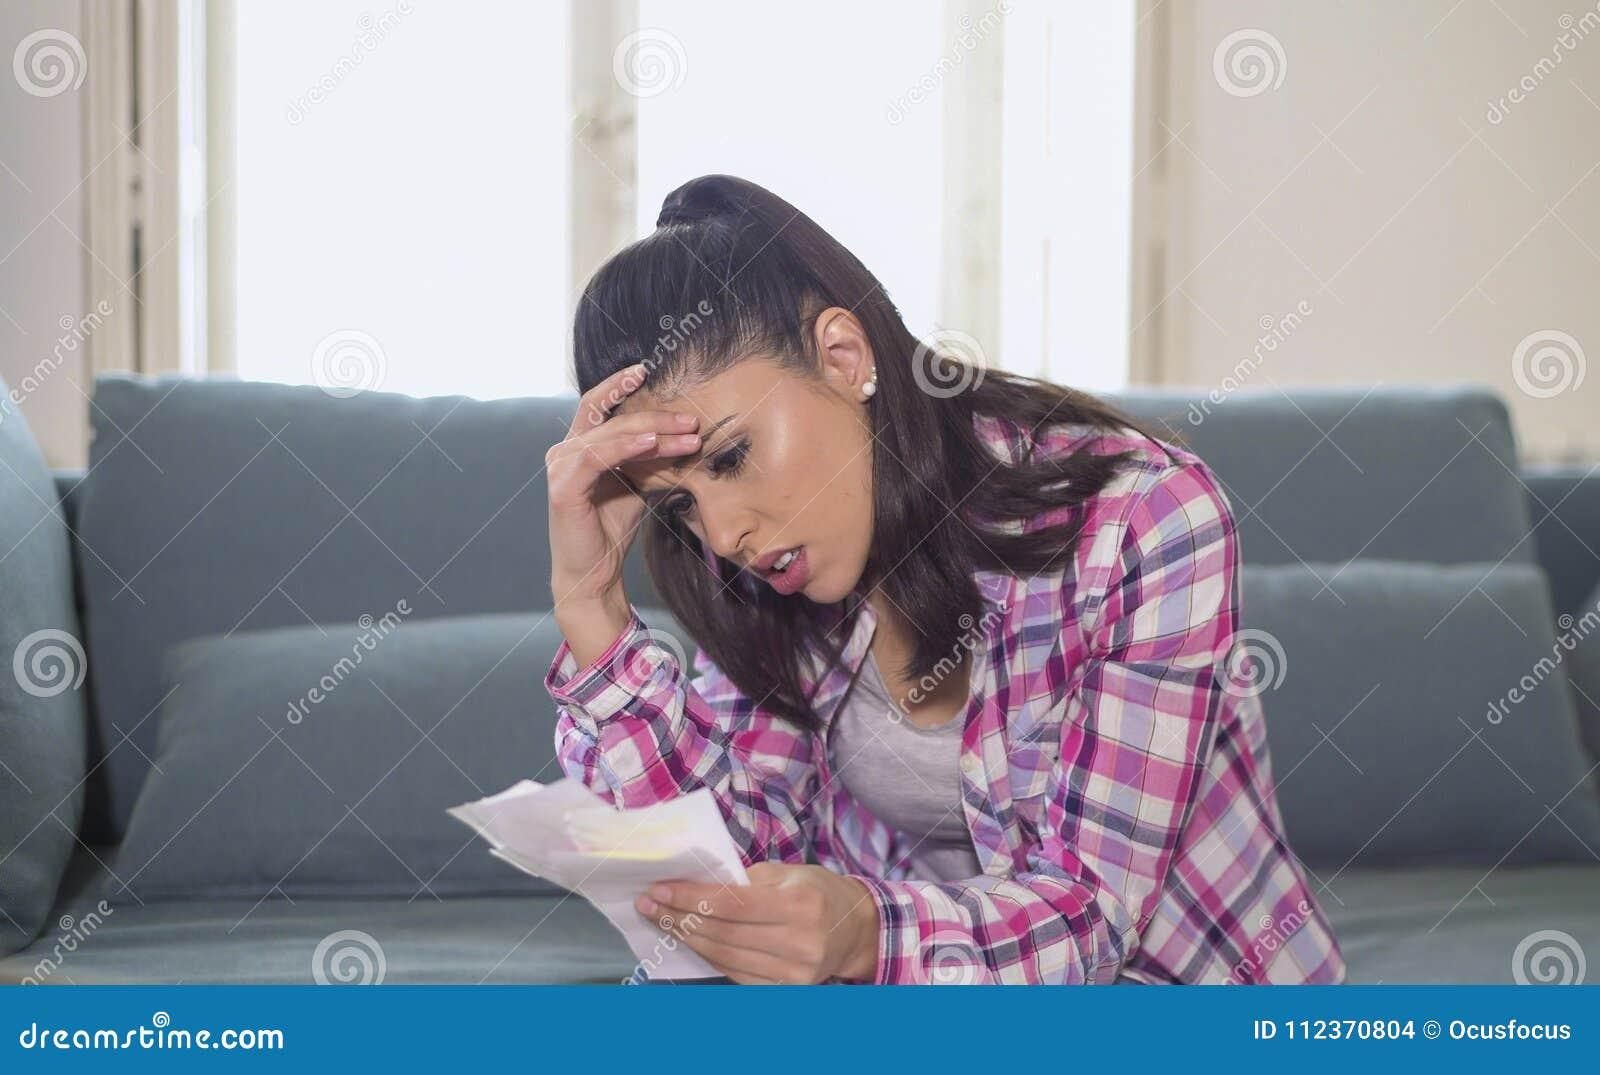 Νέα ελκυστική και ανησυχημένη ισπανική γυναίκα που ελέγχει τις δαπάνες εγγράφων τραπεζών λογαριασμών και τις μηνιαίες πληρωμές στ